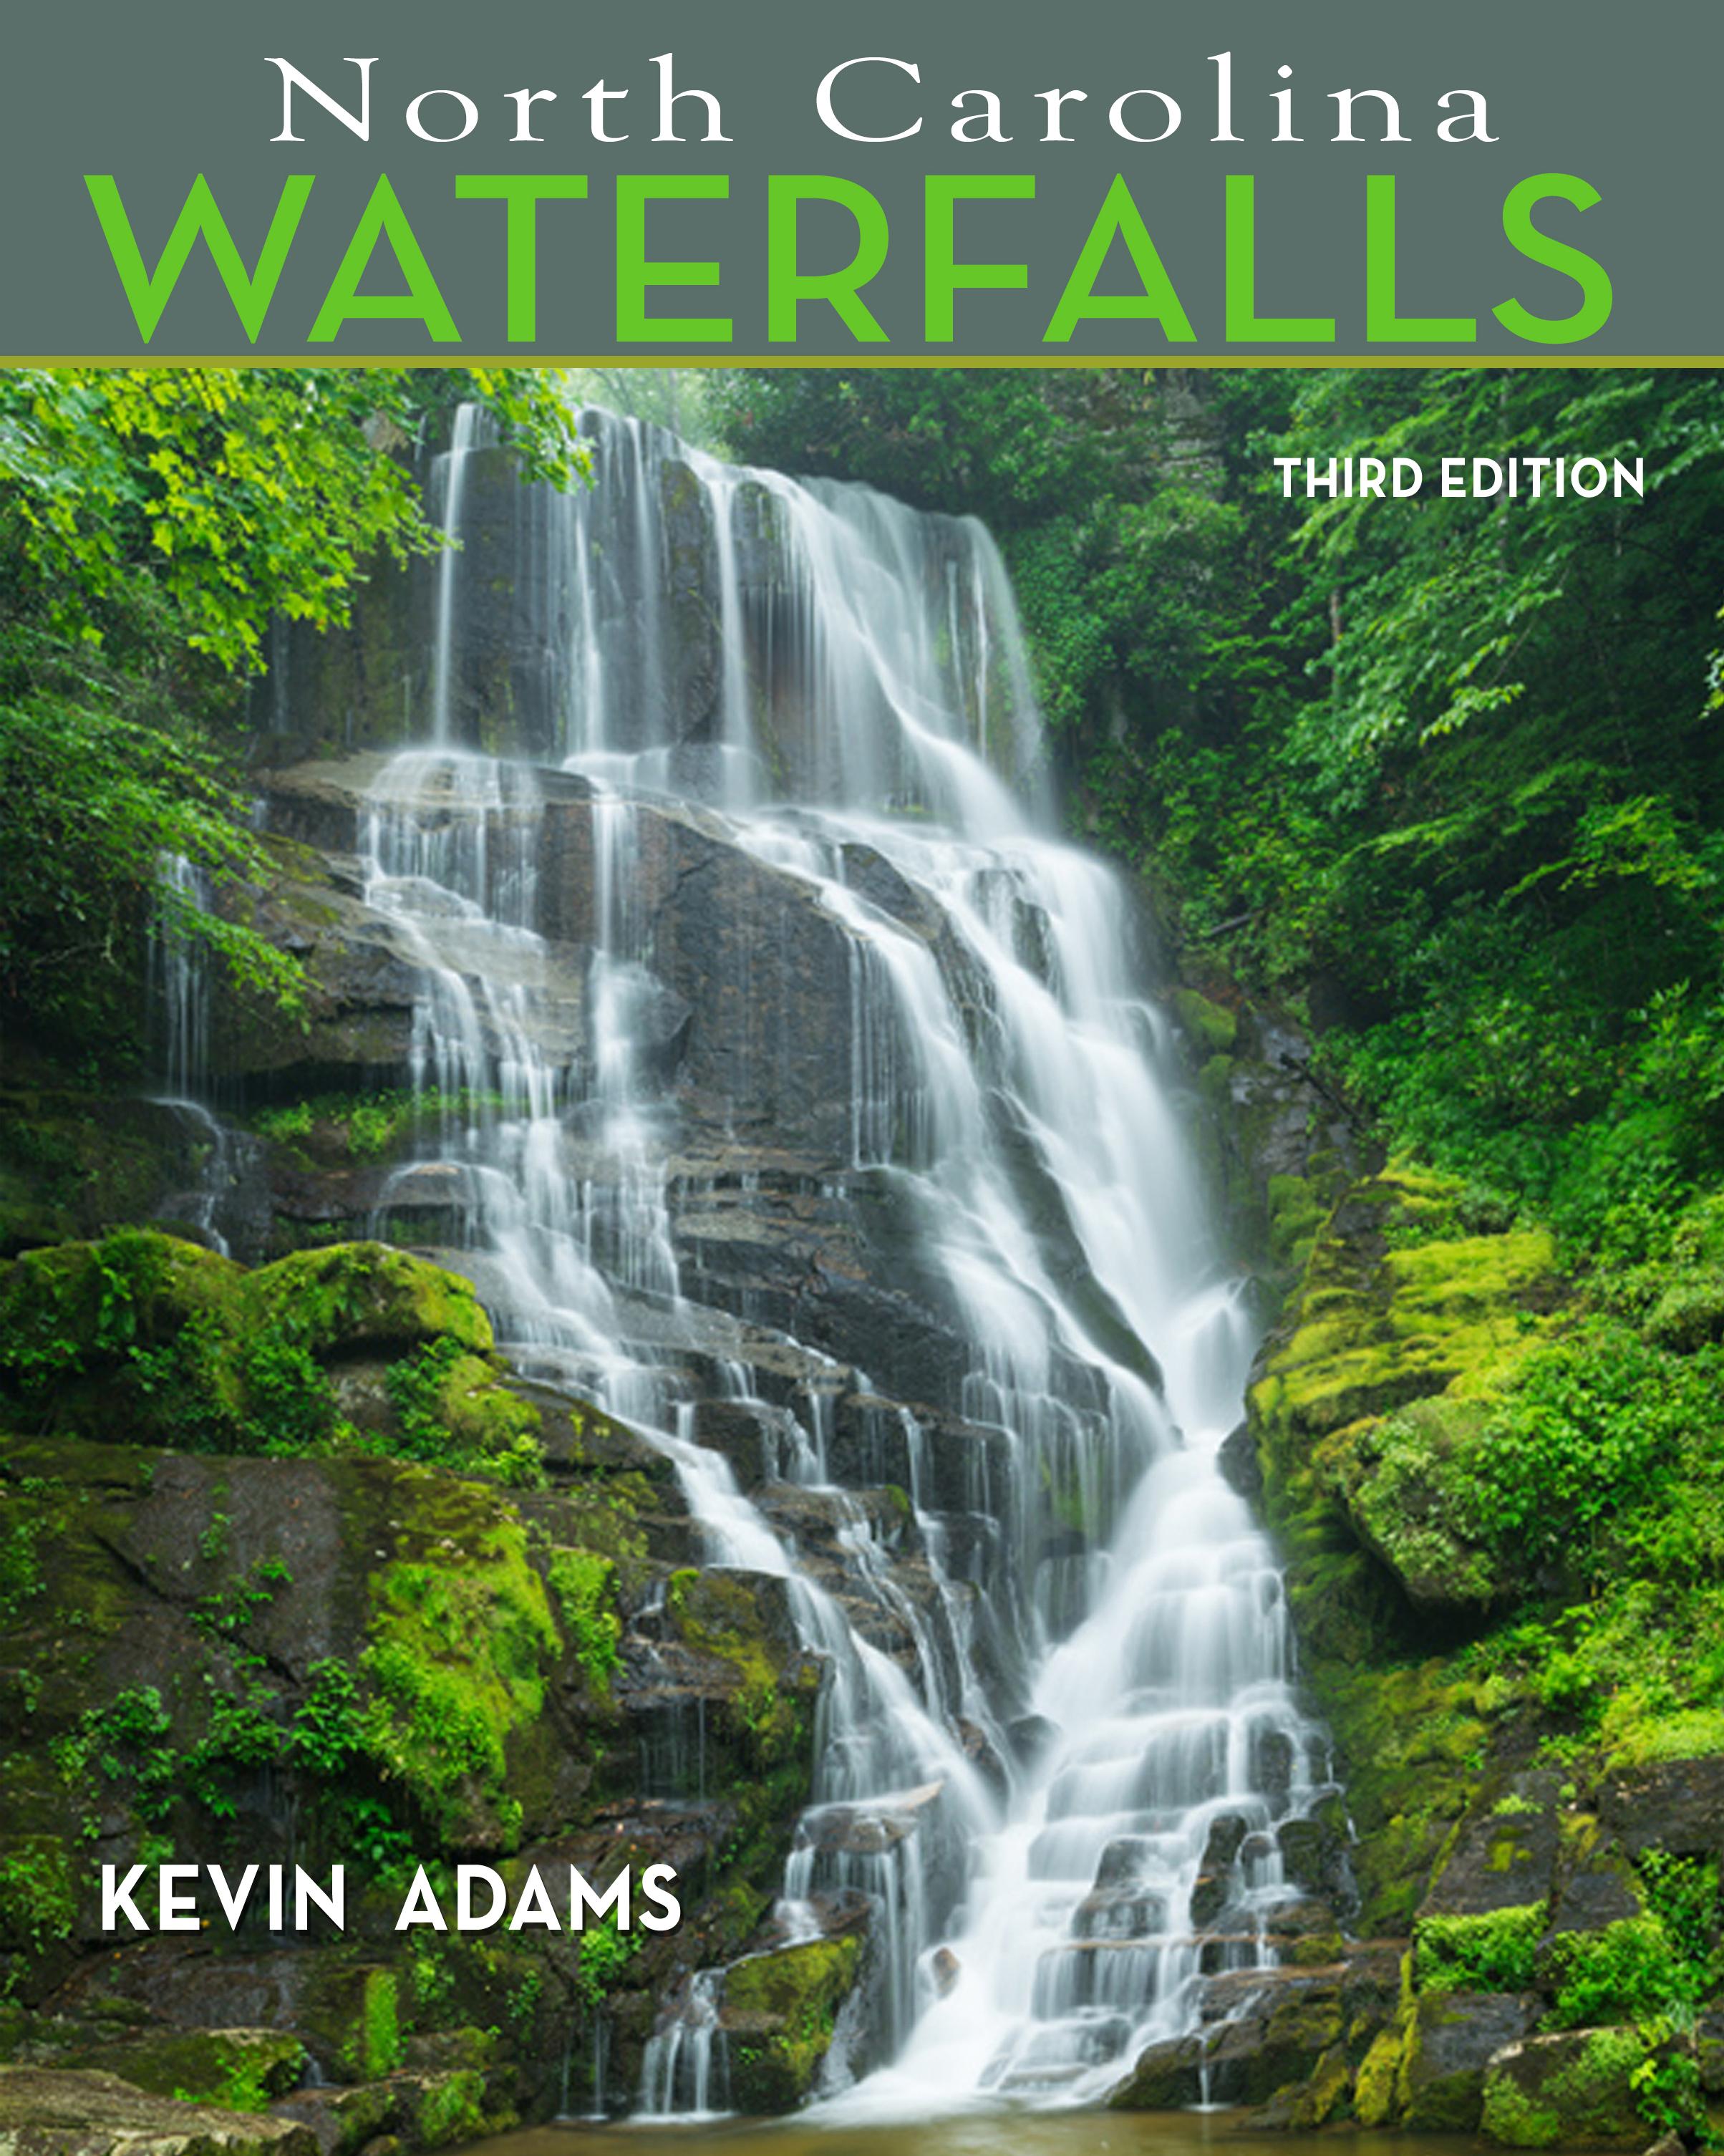 Kevin Adams' North Carolina Waterfalls book cover.